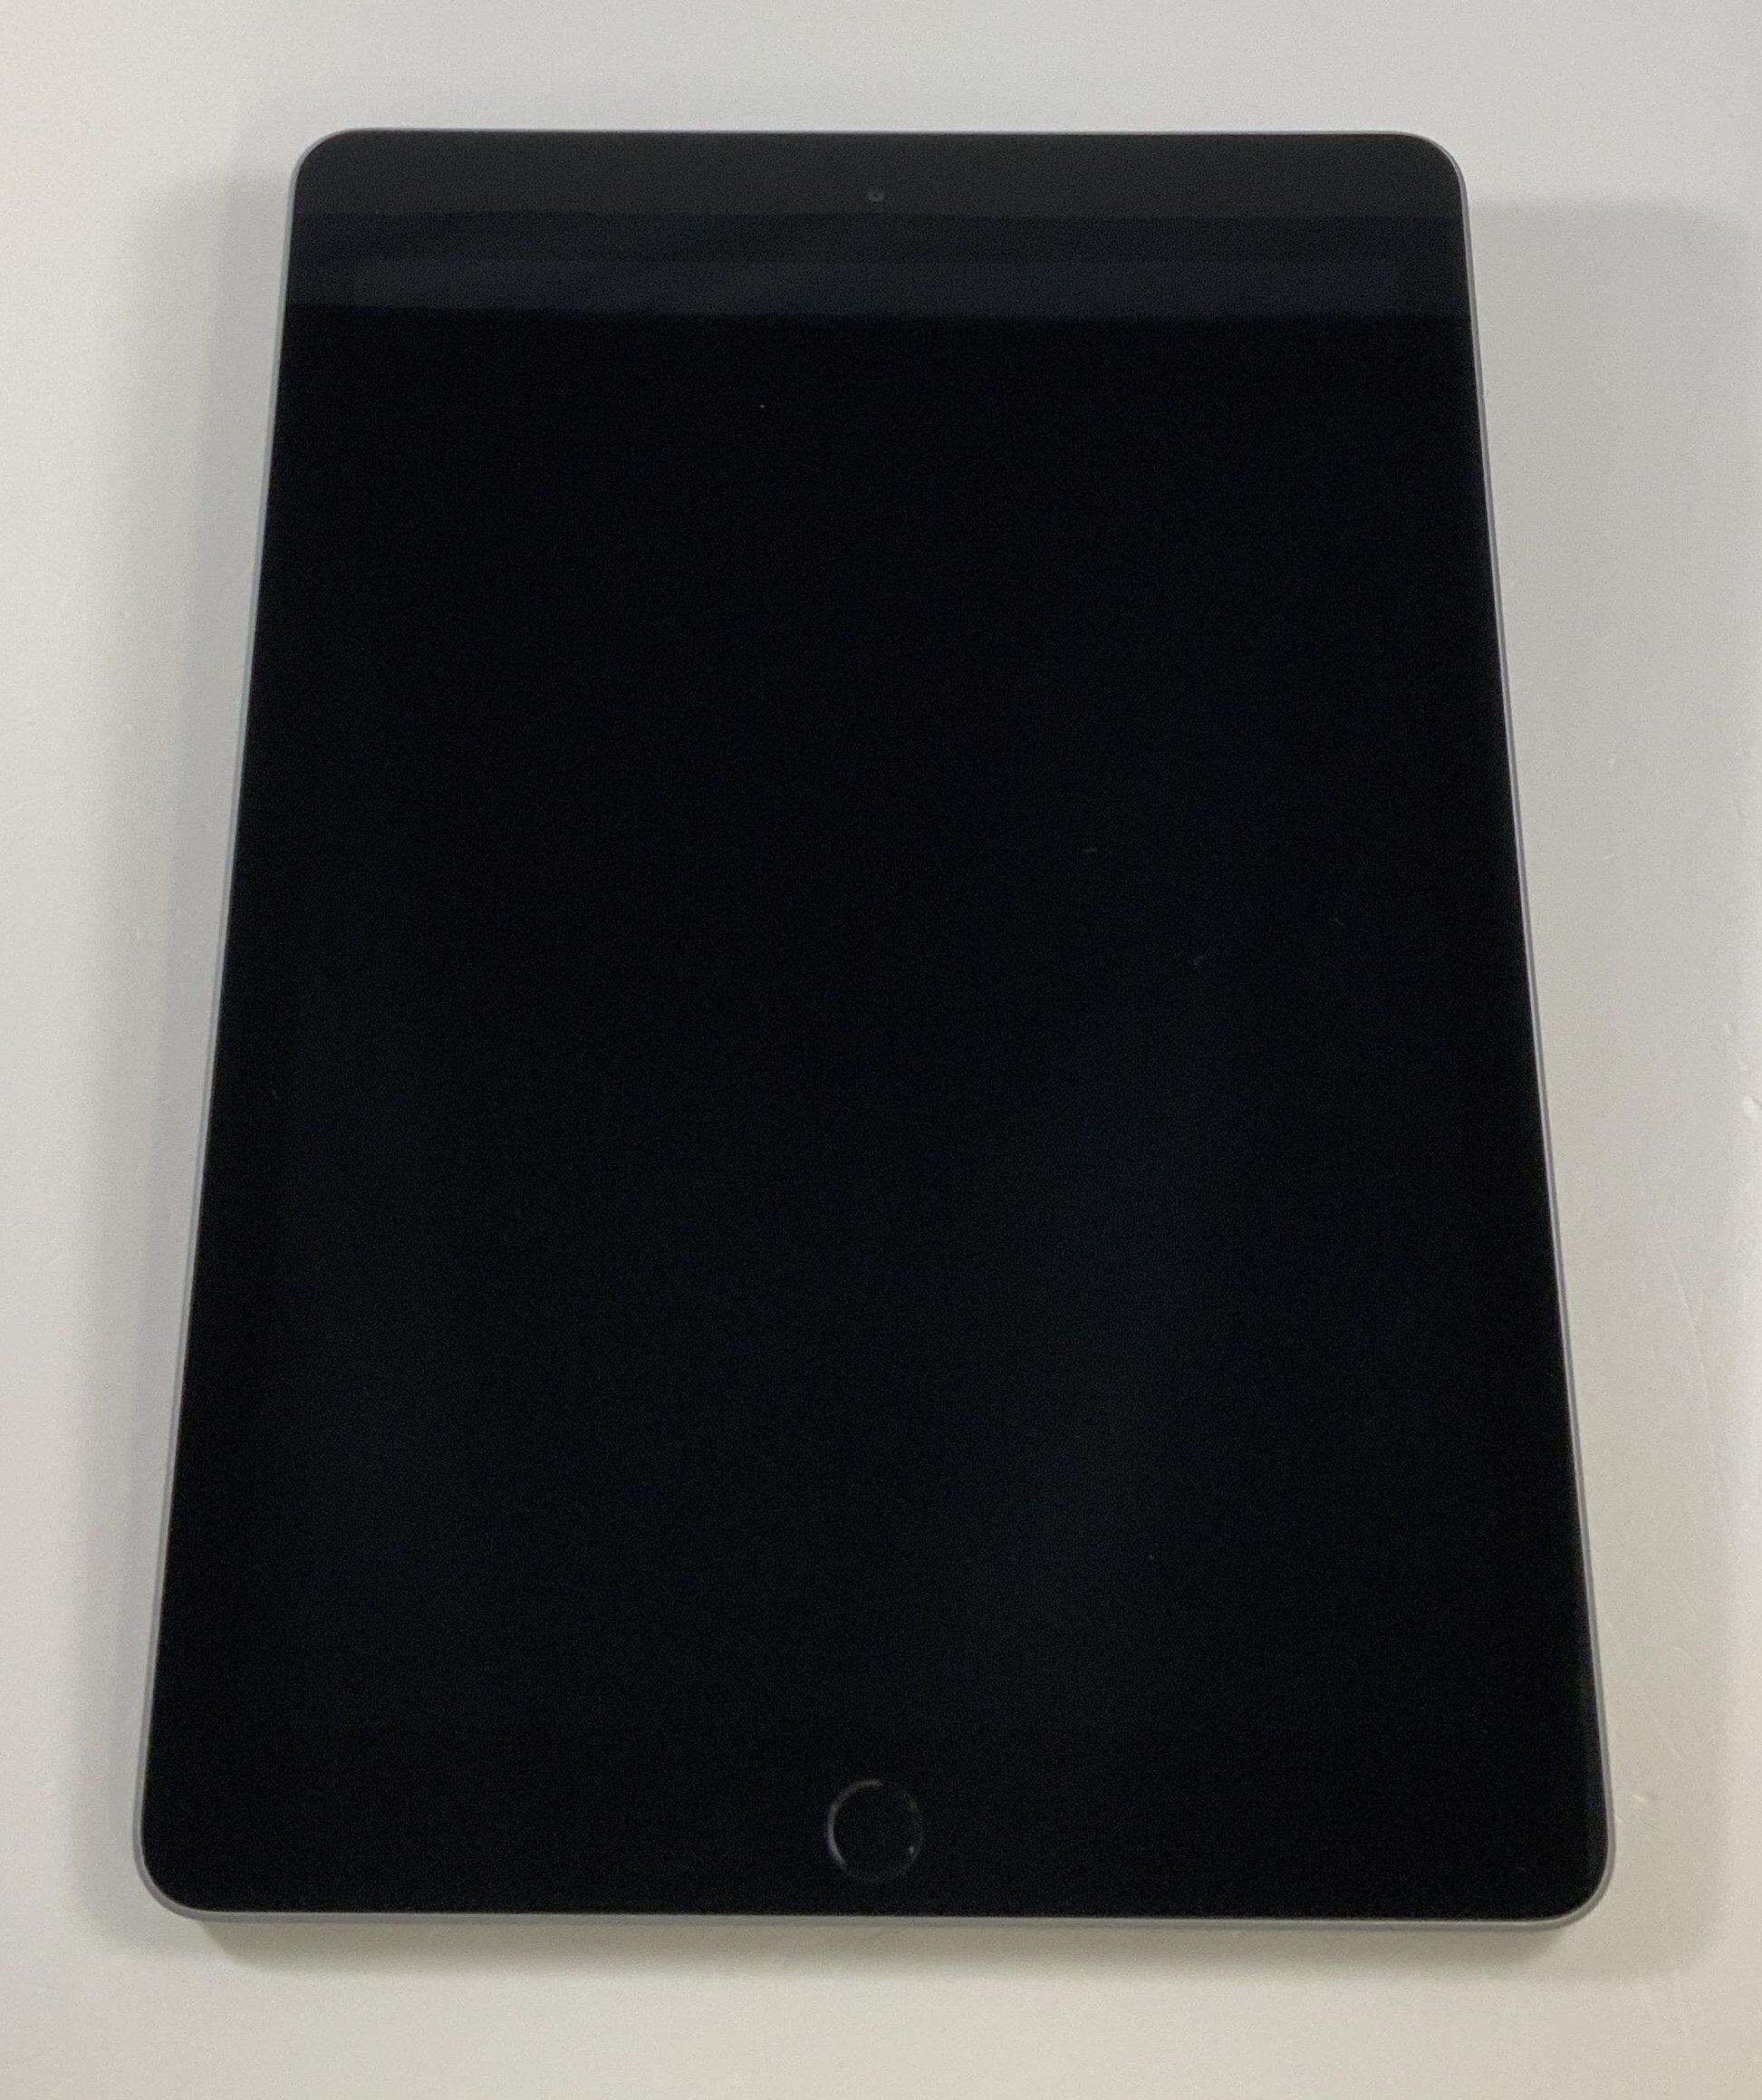 iPad 6 Wi-Fi 32GB, 32GB, Space Gray, image 1